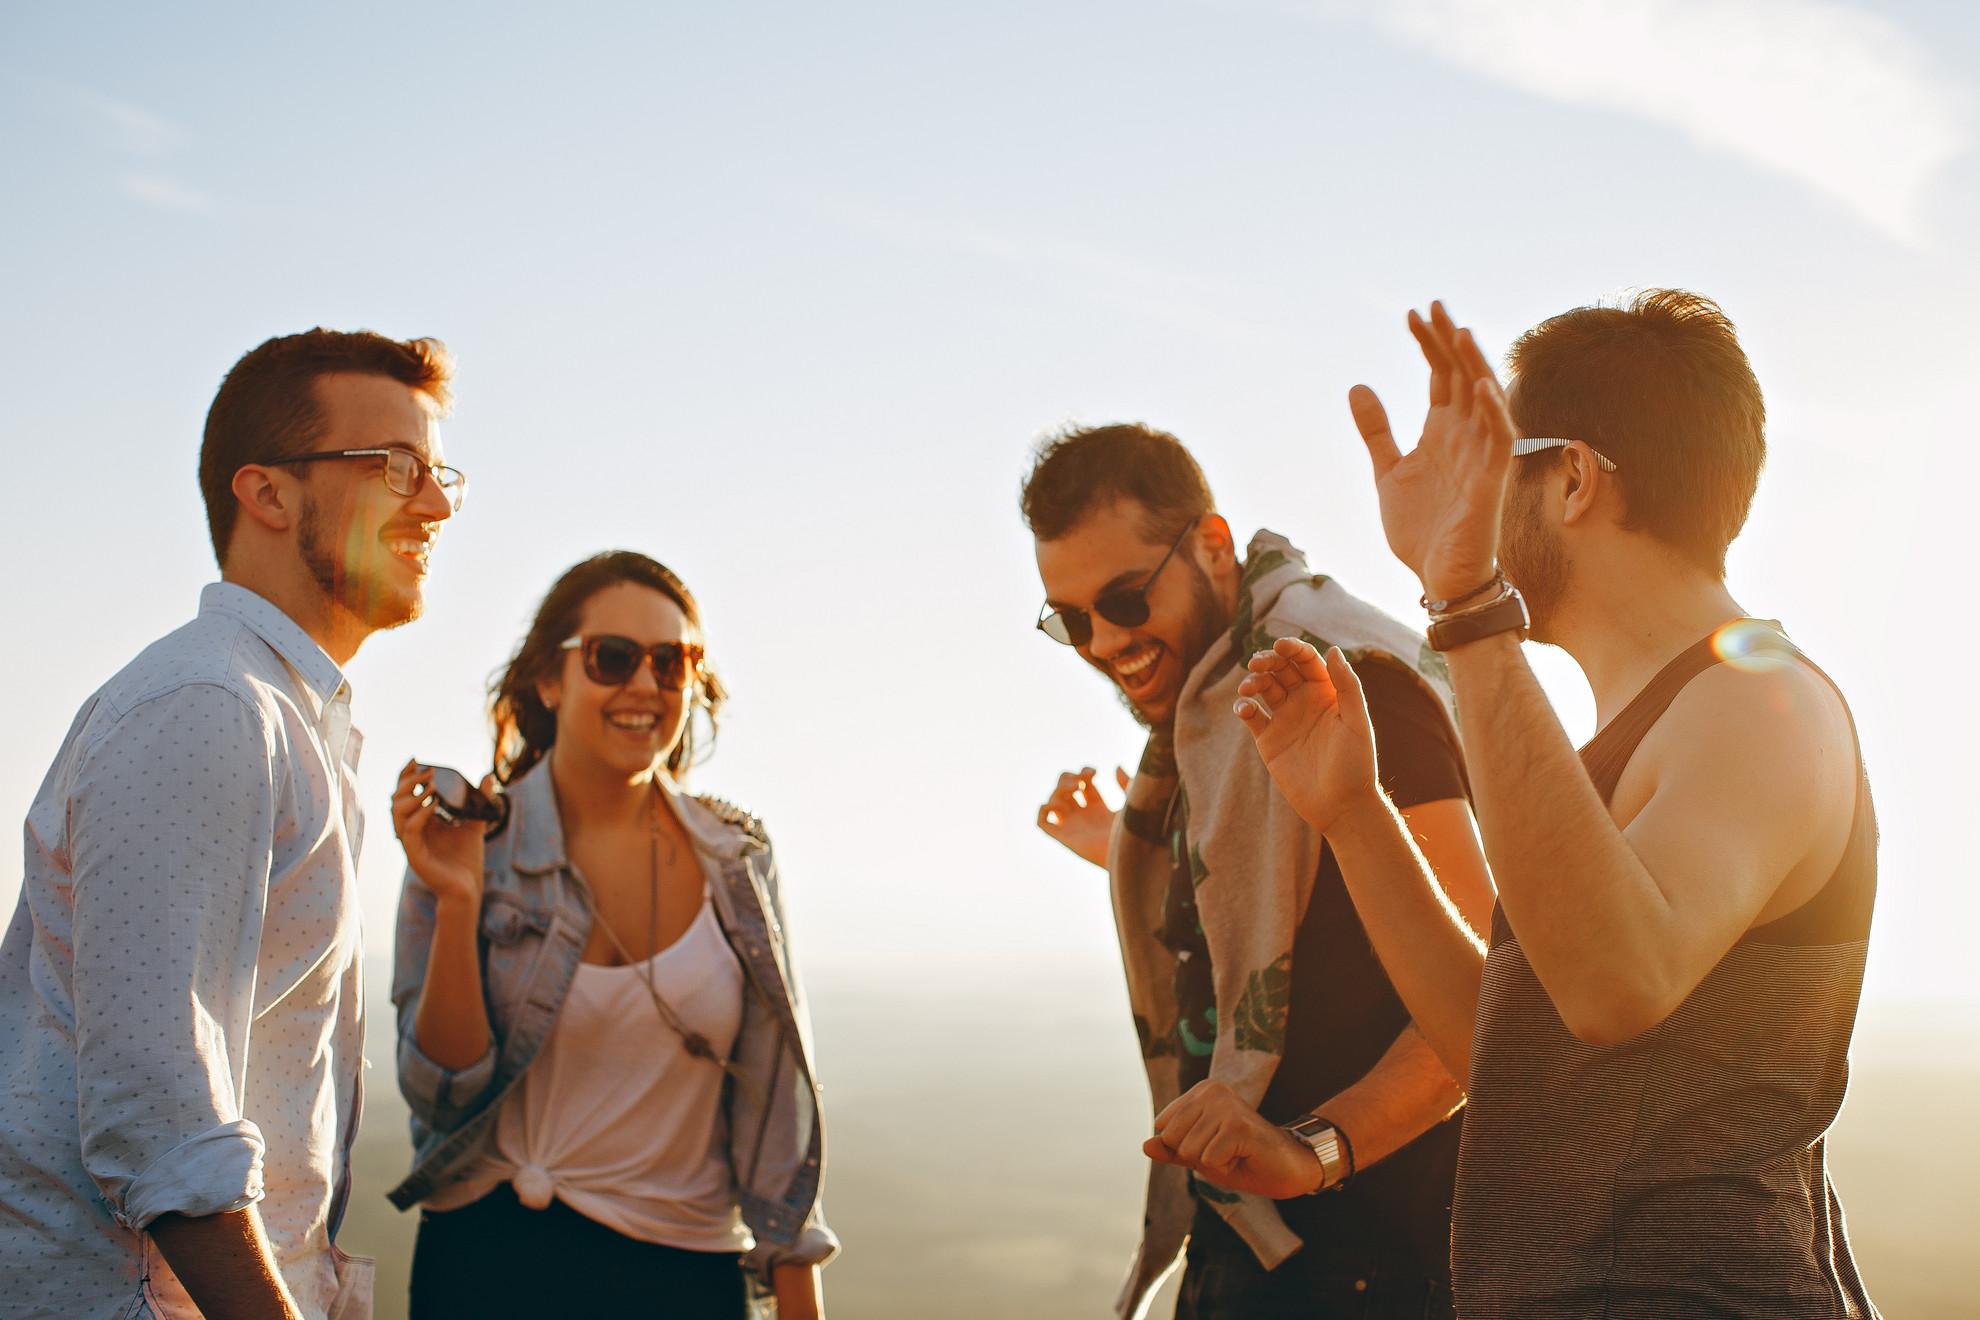 Sok fiatal szeretné magát jól érezni alkohol nélkül újabban